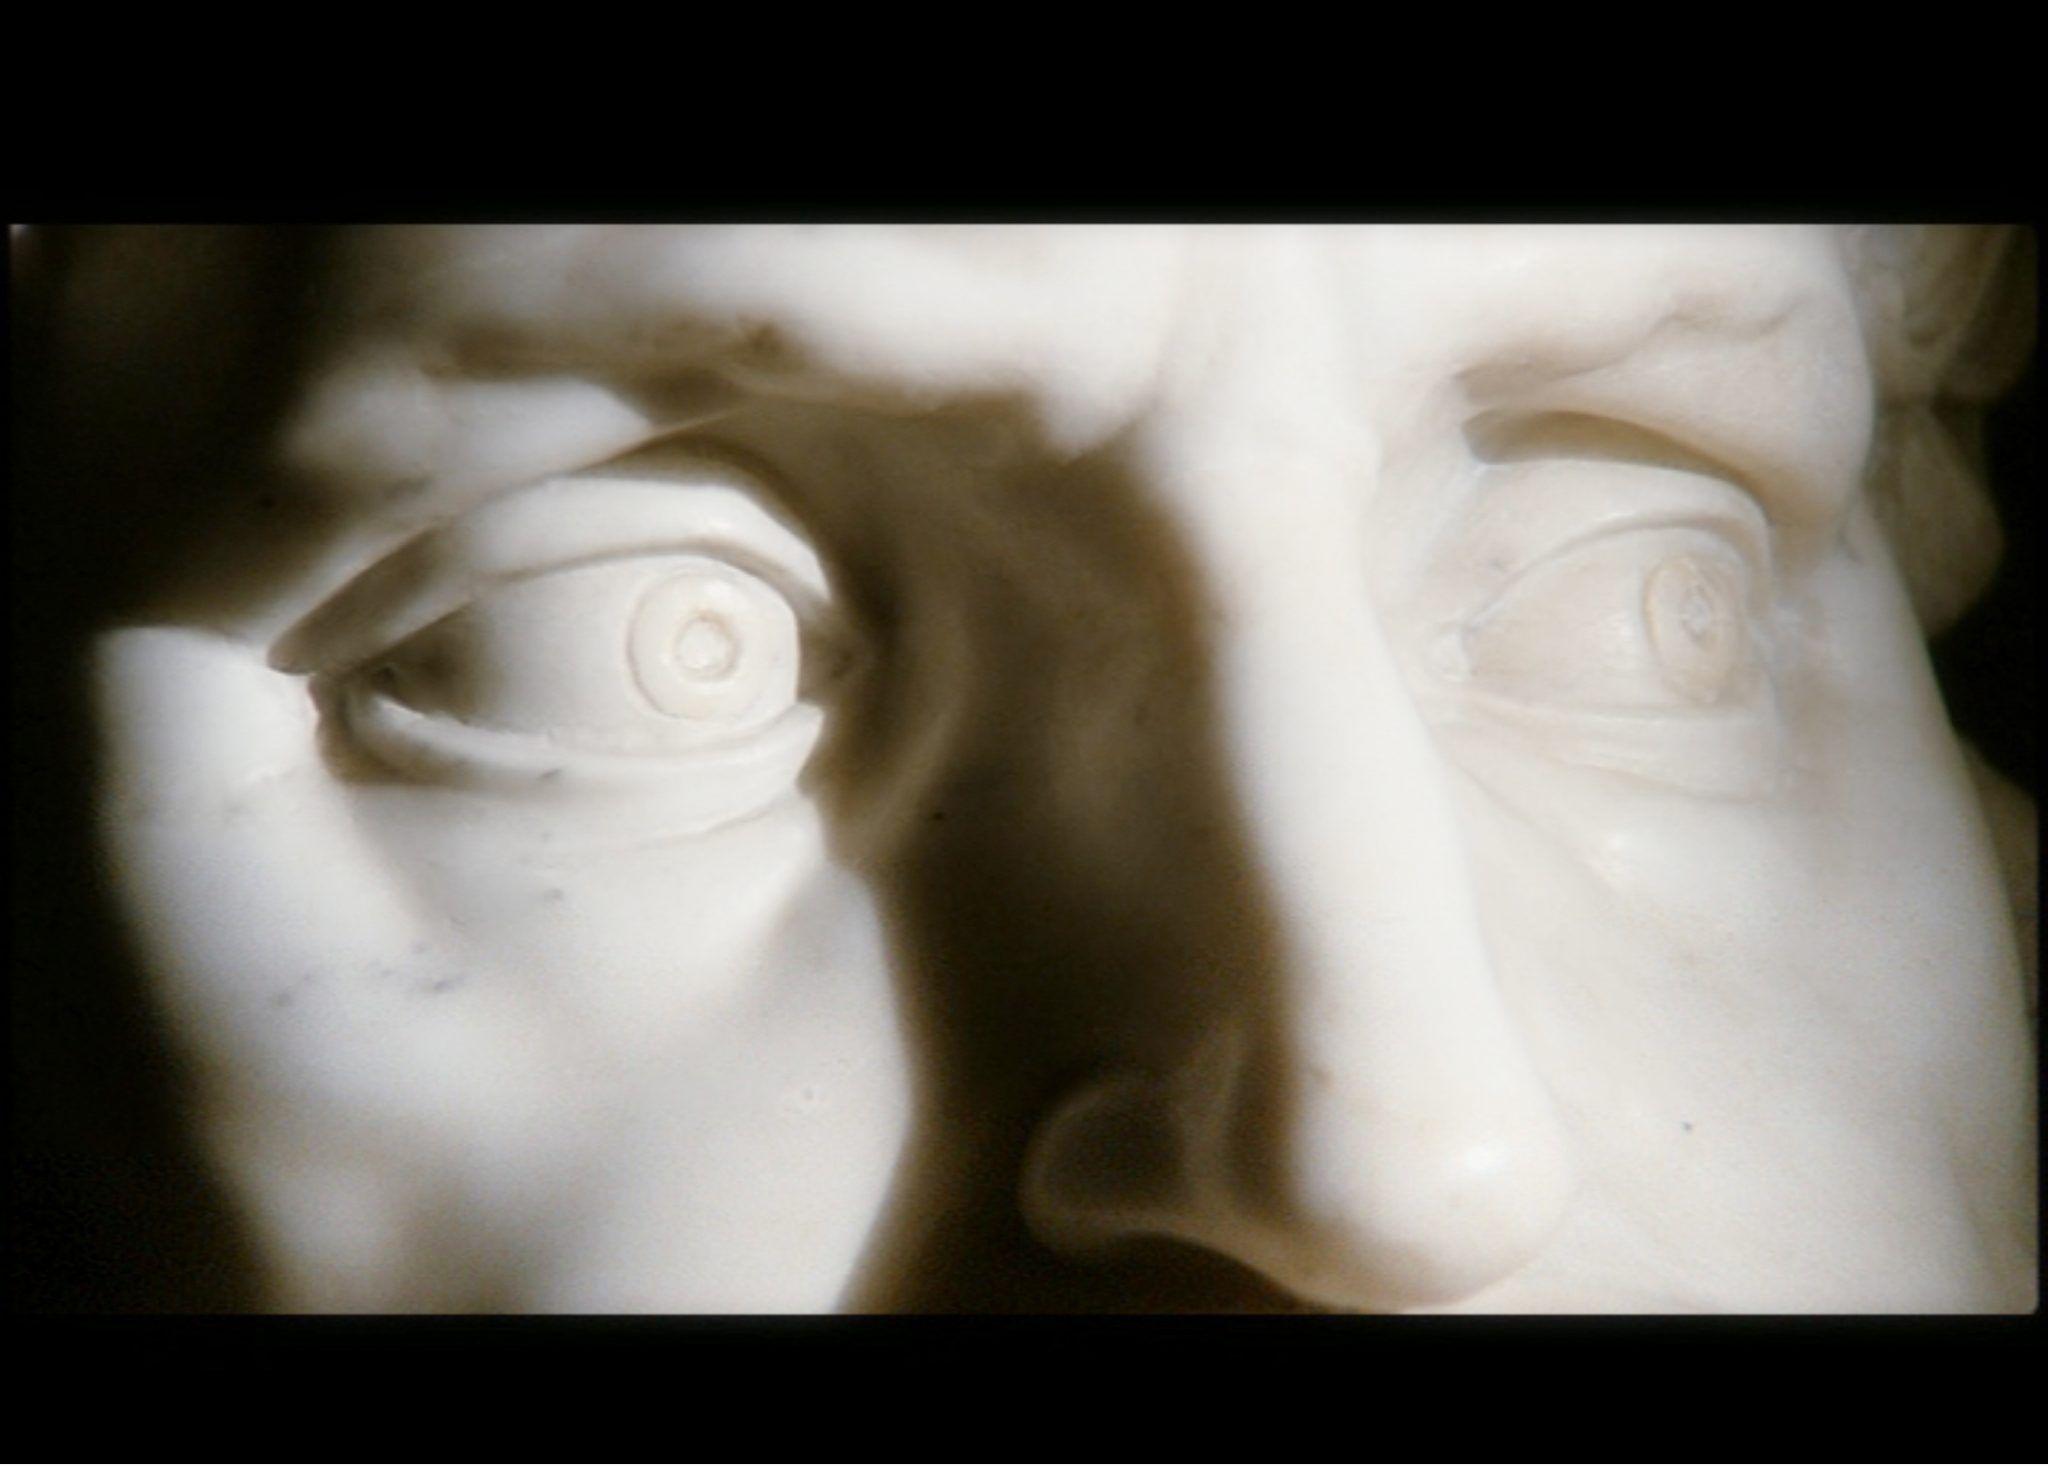 Michelangelo Antonioni, Lo sguardo di Michelangelo, cortometraggio, 15 min., Istituto Luce, 2004, Cripta del Santo Sepolcro, Milano